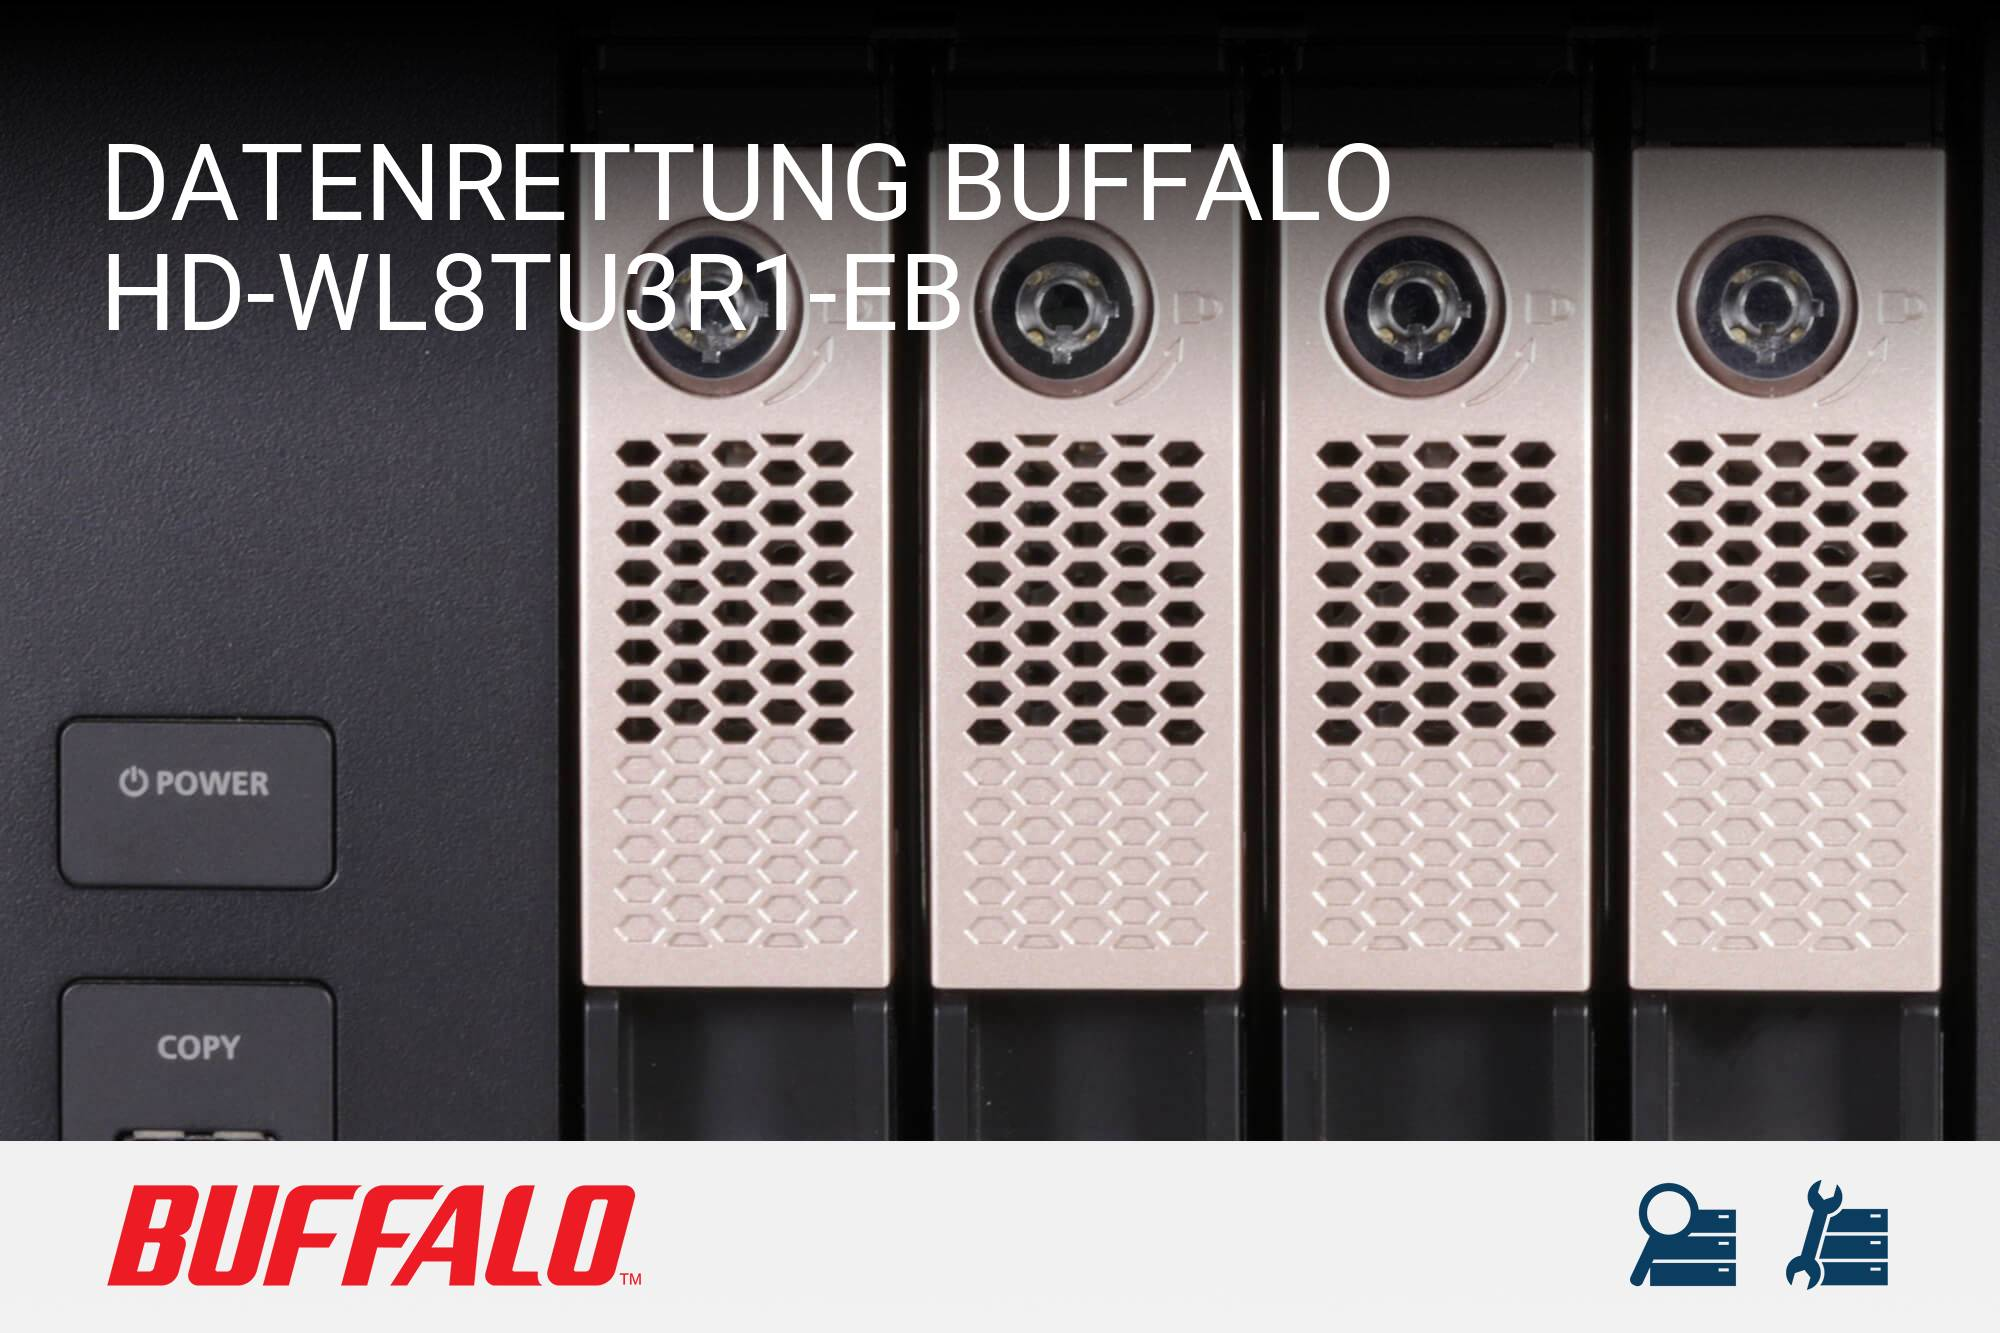 Buffalo HD-WL8TU3R1-EB